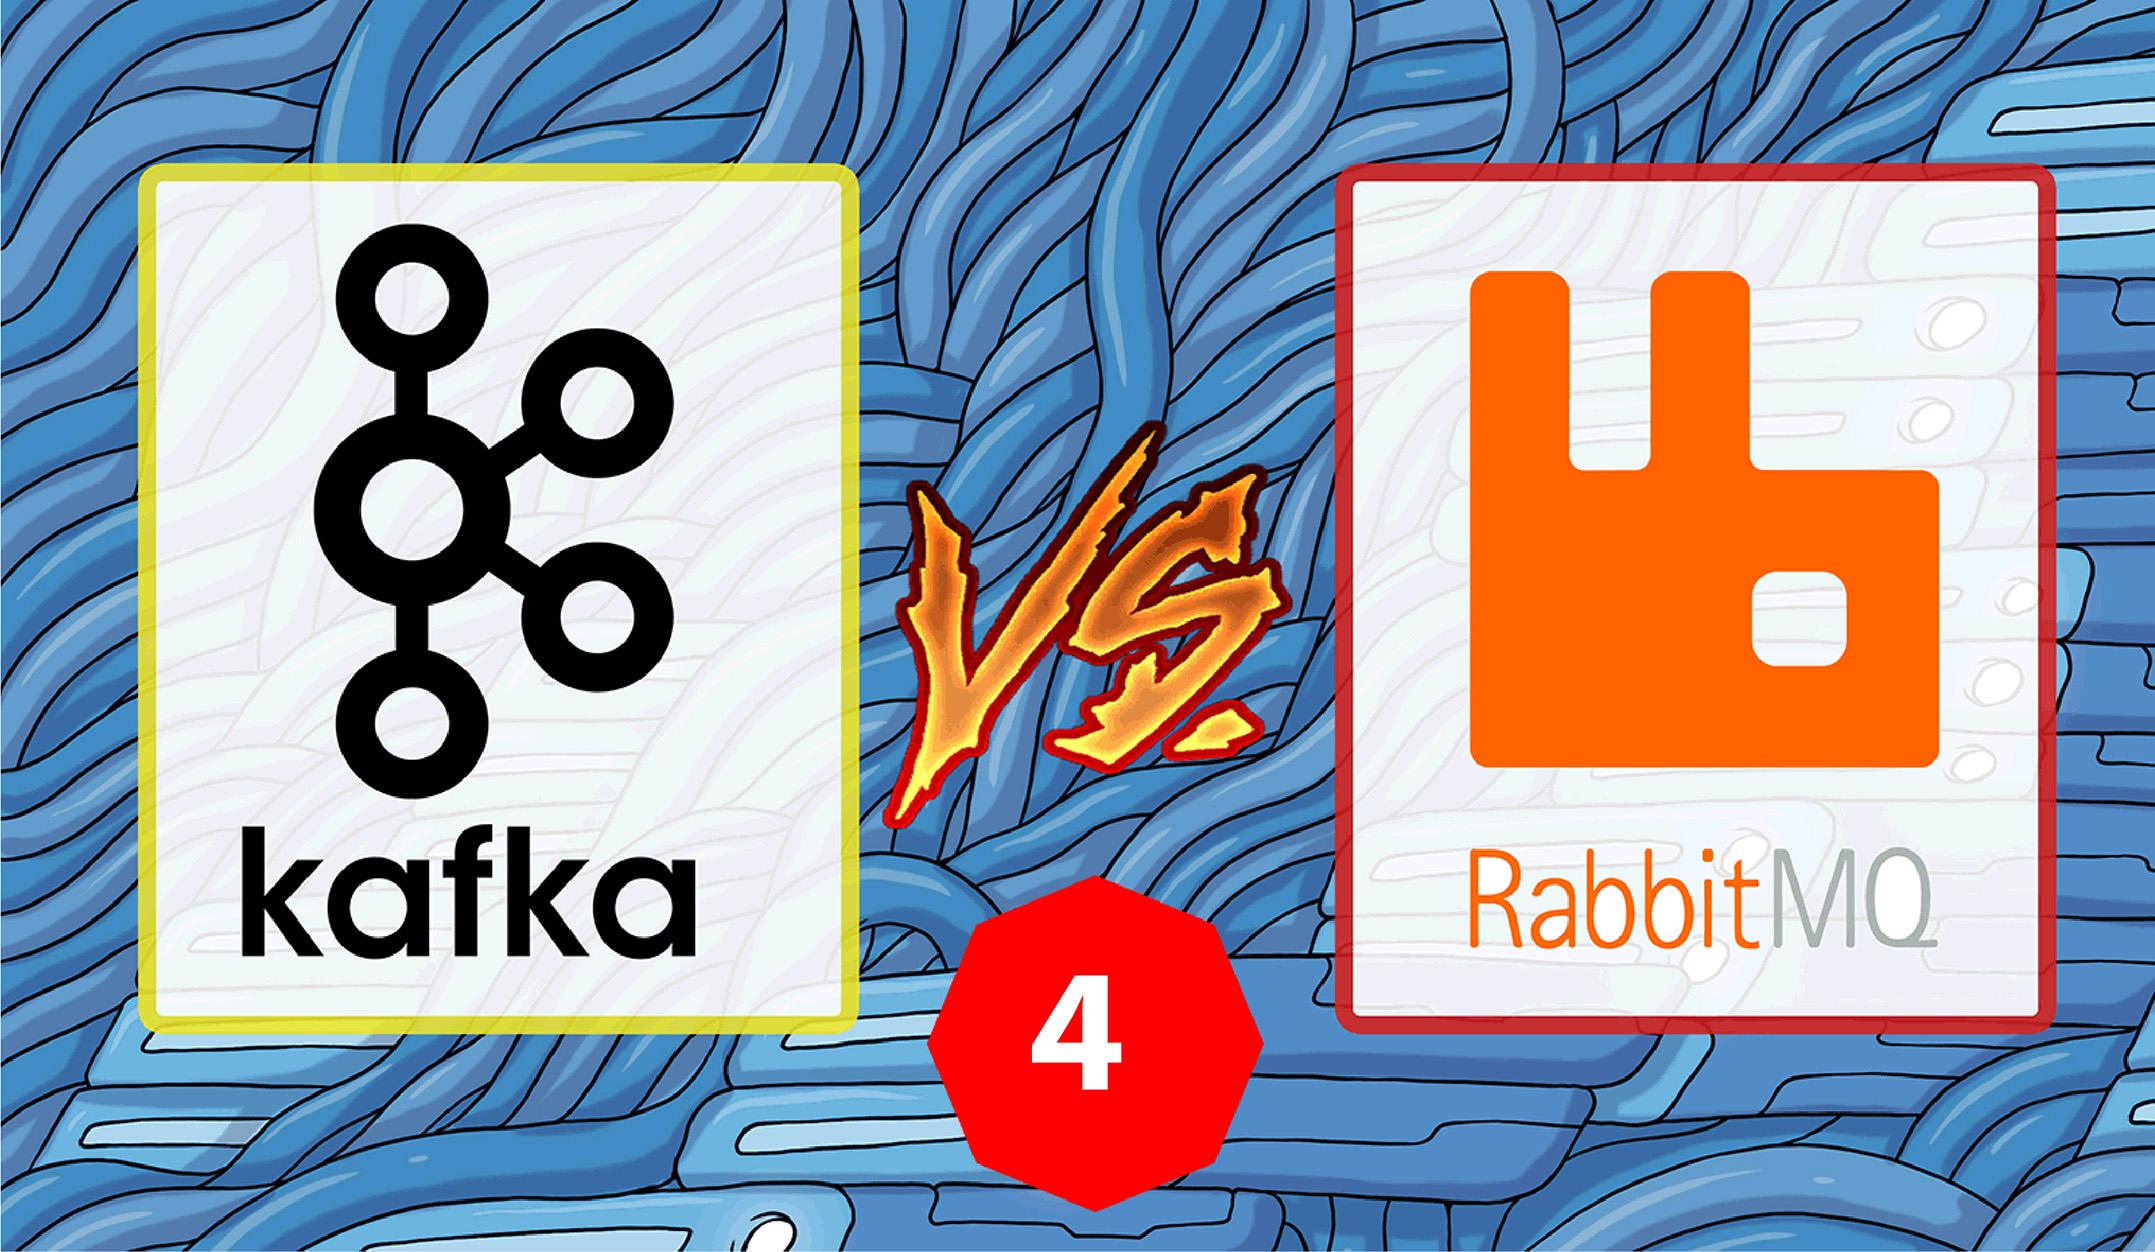 [Перевод] RabbitMQ: отказоустойчивость и высокая доступность в кластерах